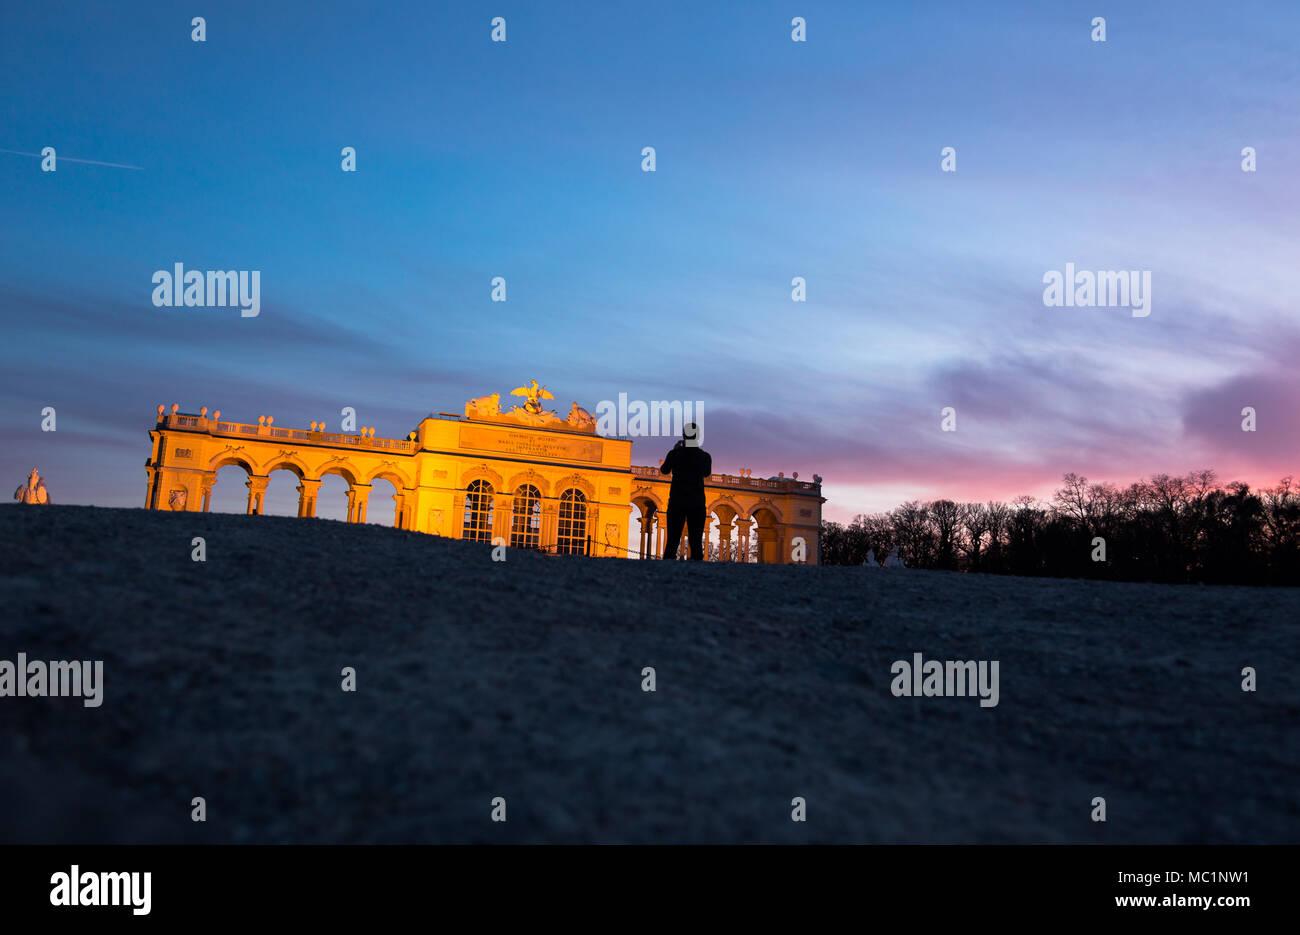 En Gloriette Schloss Schönbrunn Park en la tarde en la hora dorada luz. Baja, amplio ángulo de perspectiva, disparar desde el nivel del suelo. Turista haciendo un ph Imagen De Stock